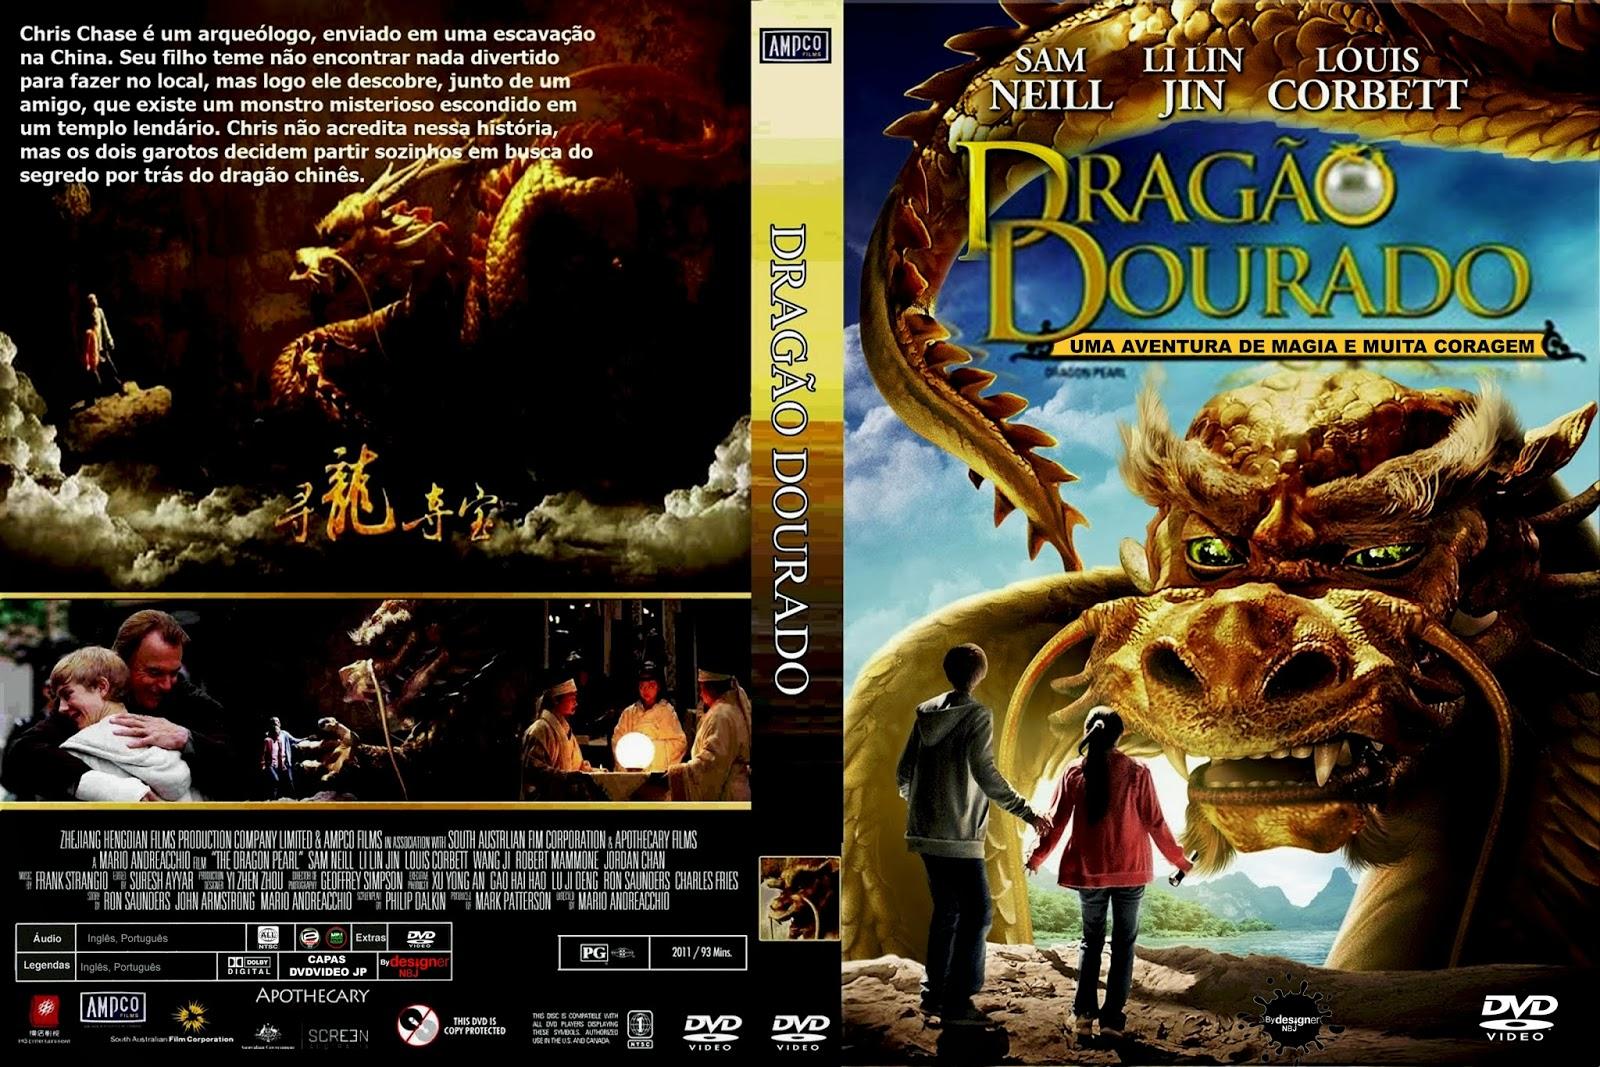 CAPAS DVD VIDEO JP: DRAGÃO DOURADO